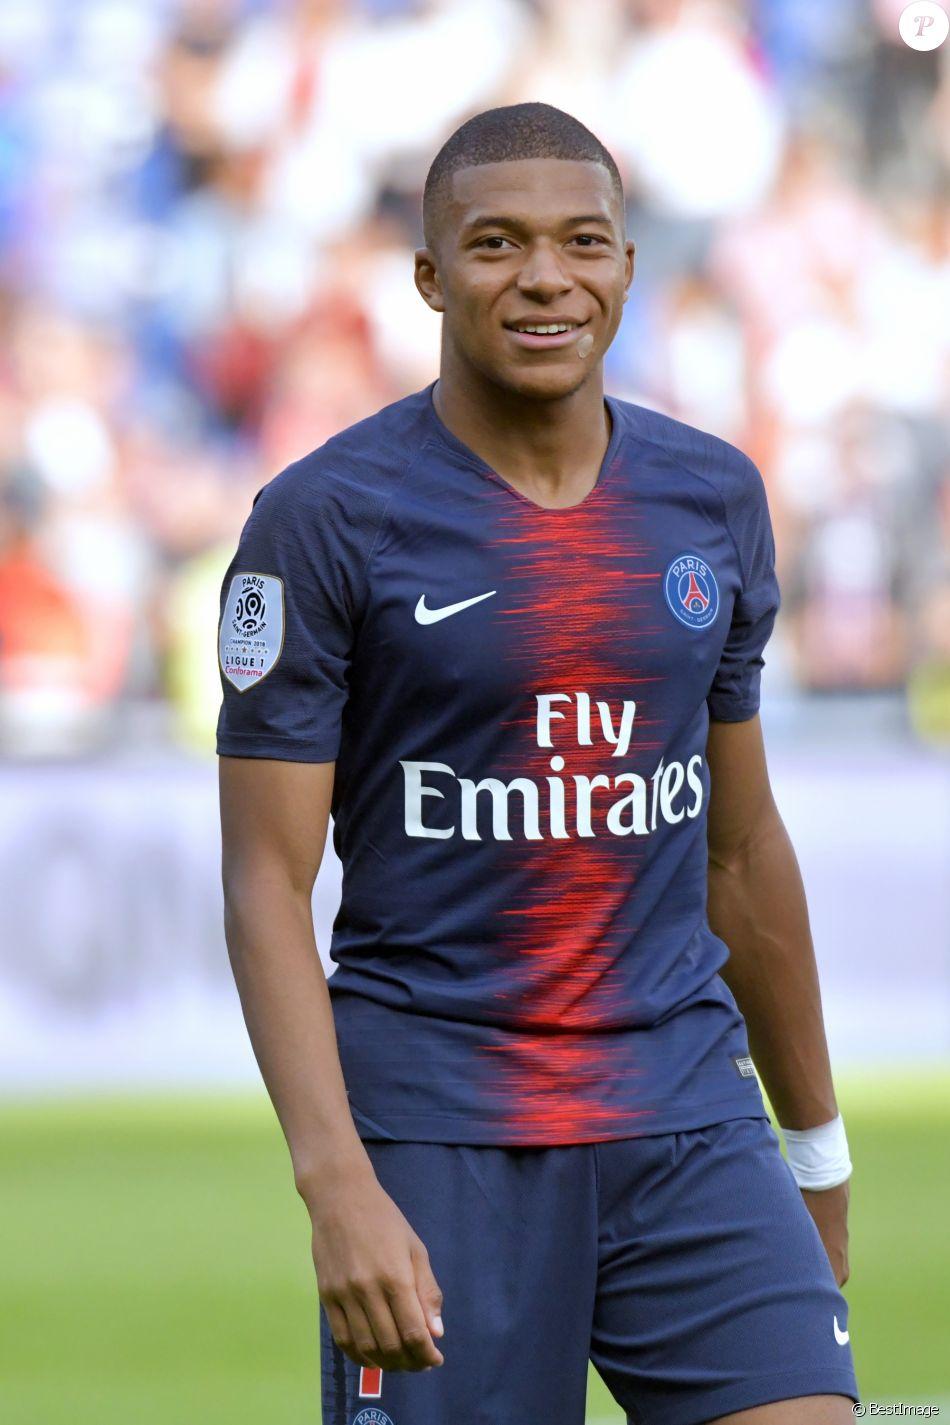 a1b6452417 Kylian Mbappé lors du match de football de ligue 1, le Paris Saint-Germain